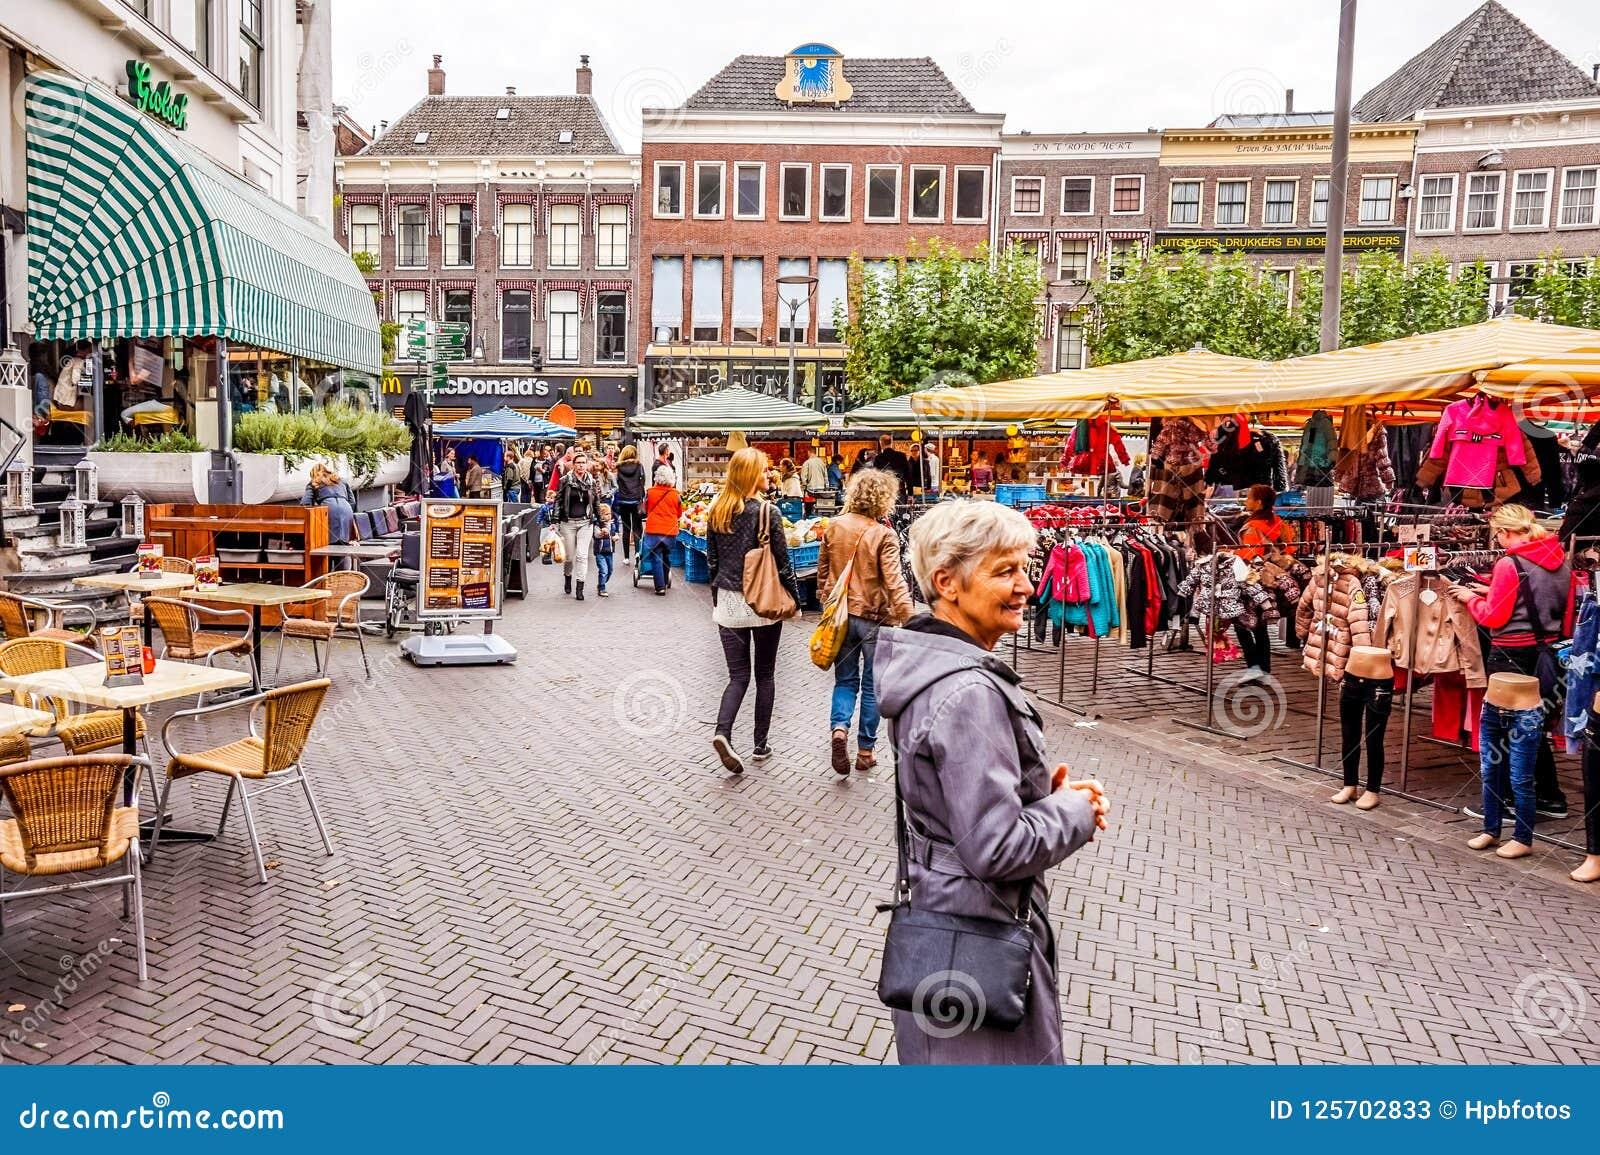 Markt im Freien in der Mitte von Zwolle in Overijssel, die Niederlande